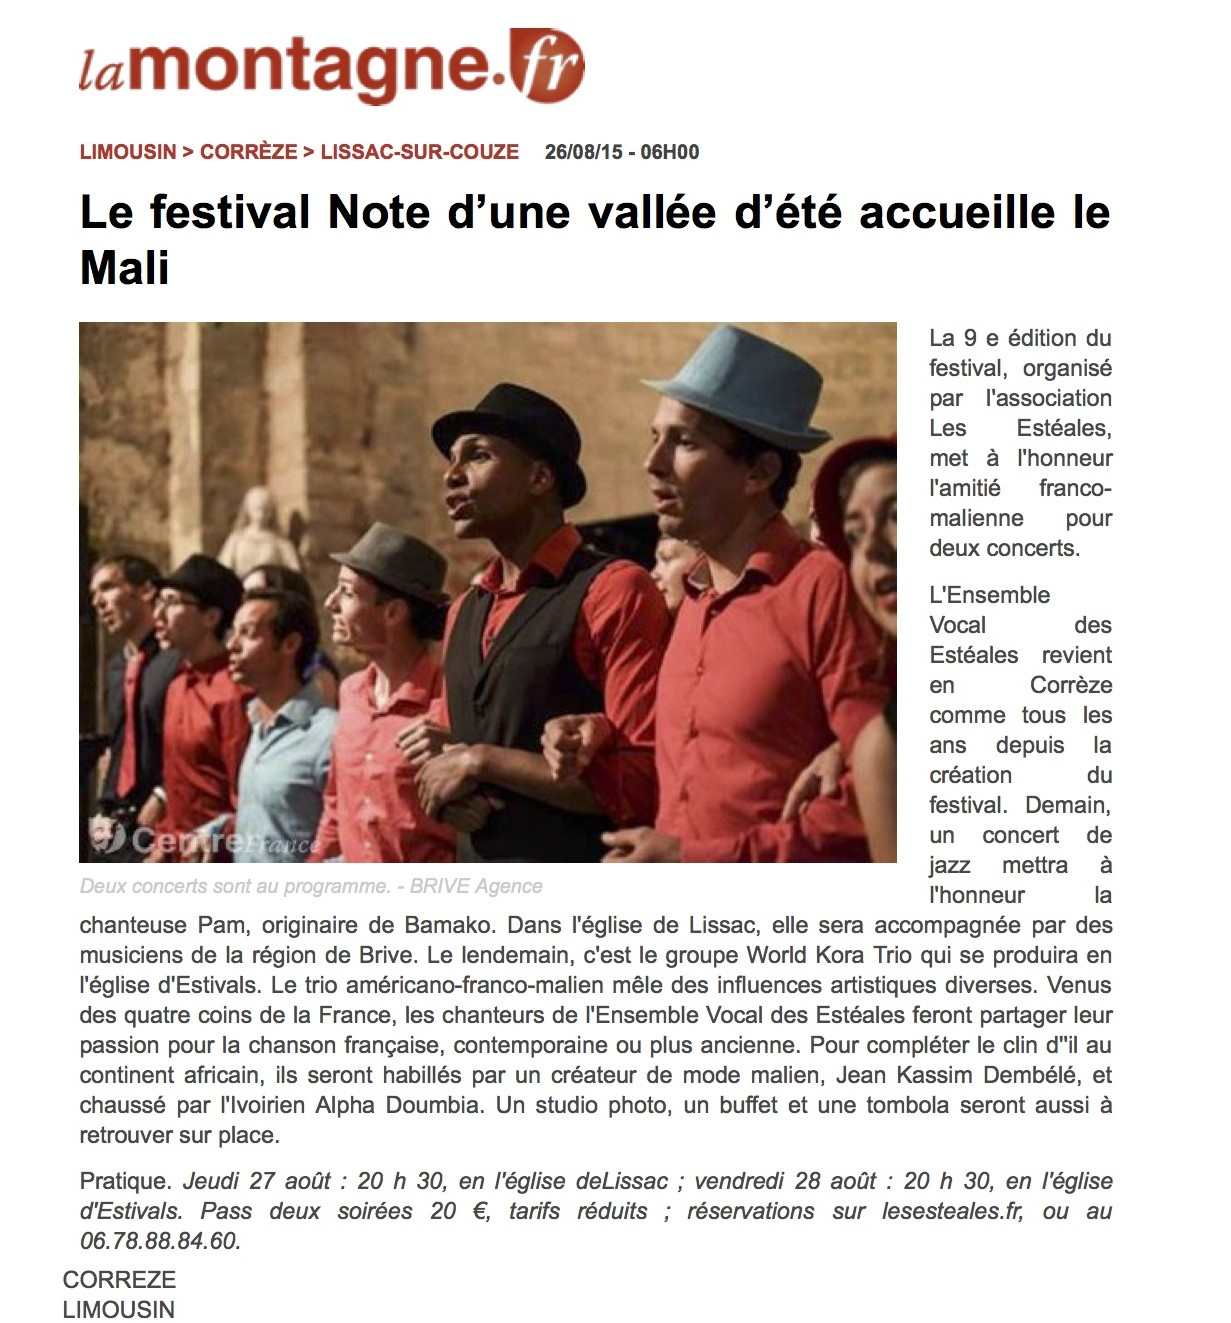 www.lamontagne.fr - Infos locales - LISSAC-SUR-COUZE (19600) - Le festival Note d'une vallée d'été accueille le Mali